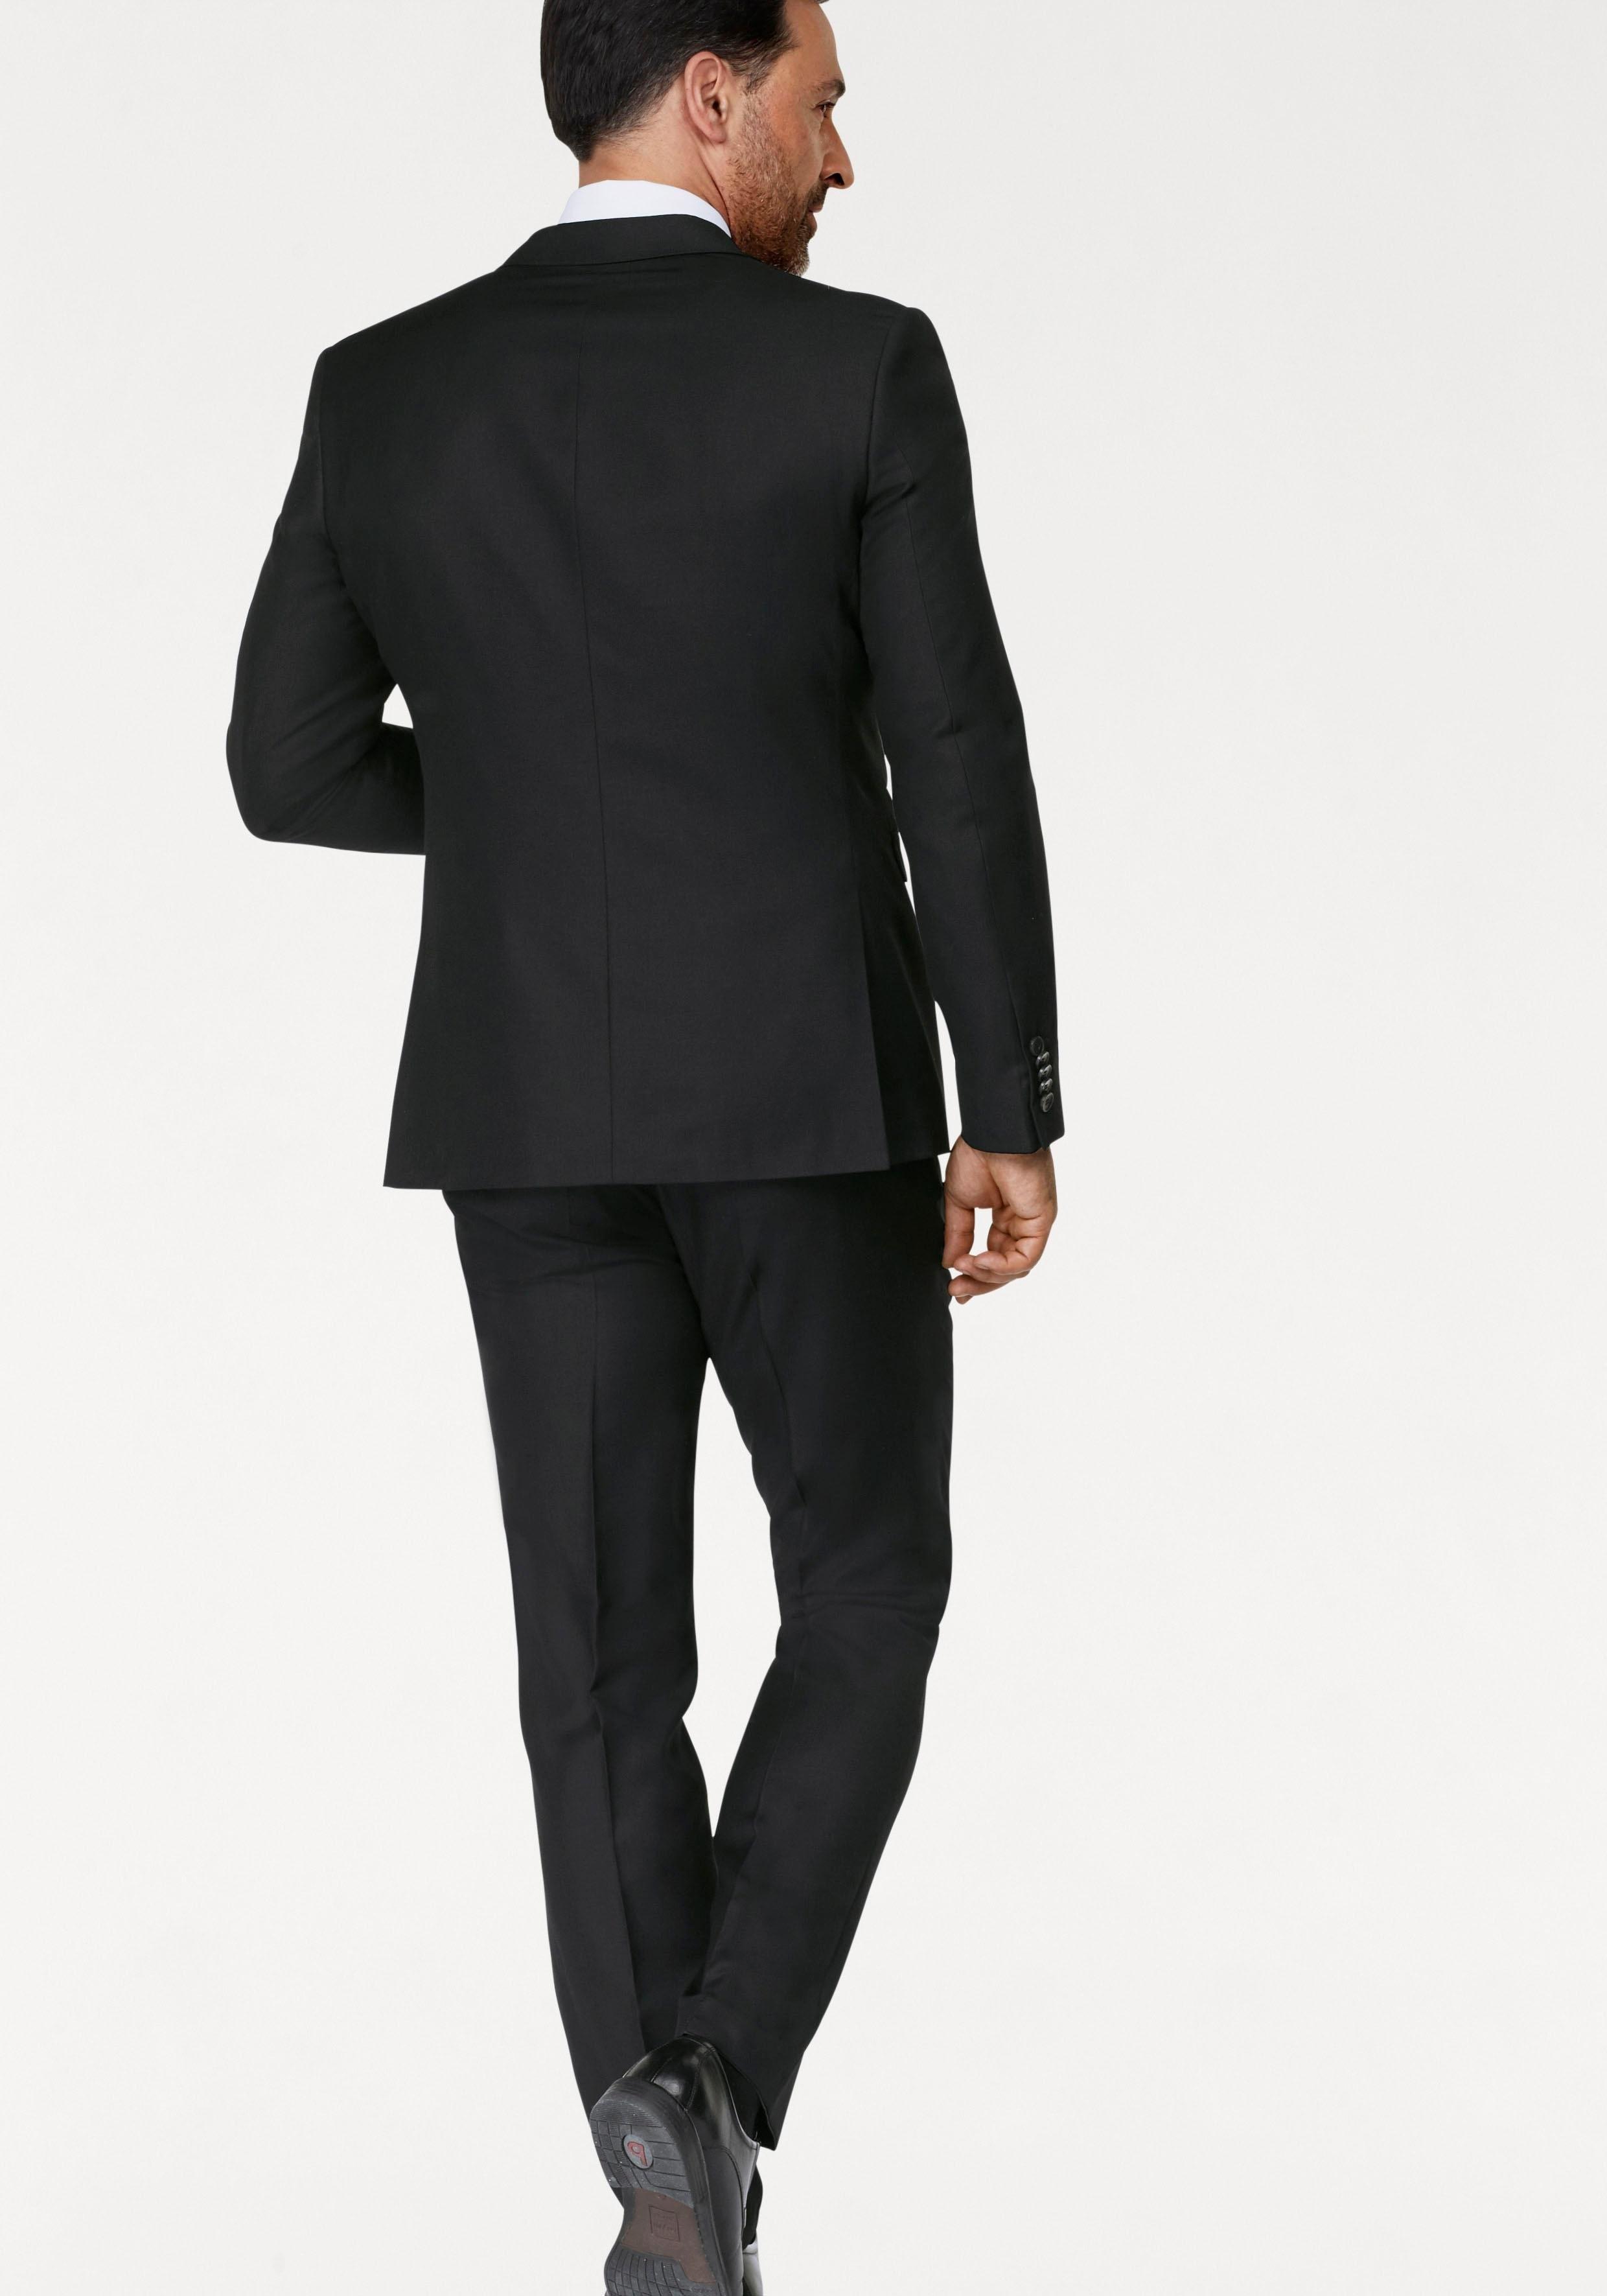 3 delig zwart pak